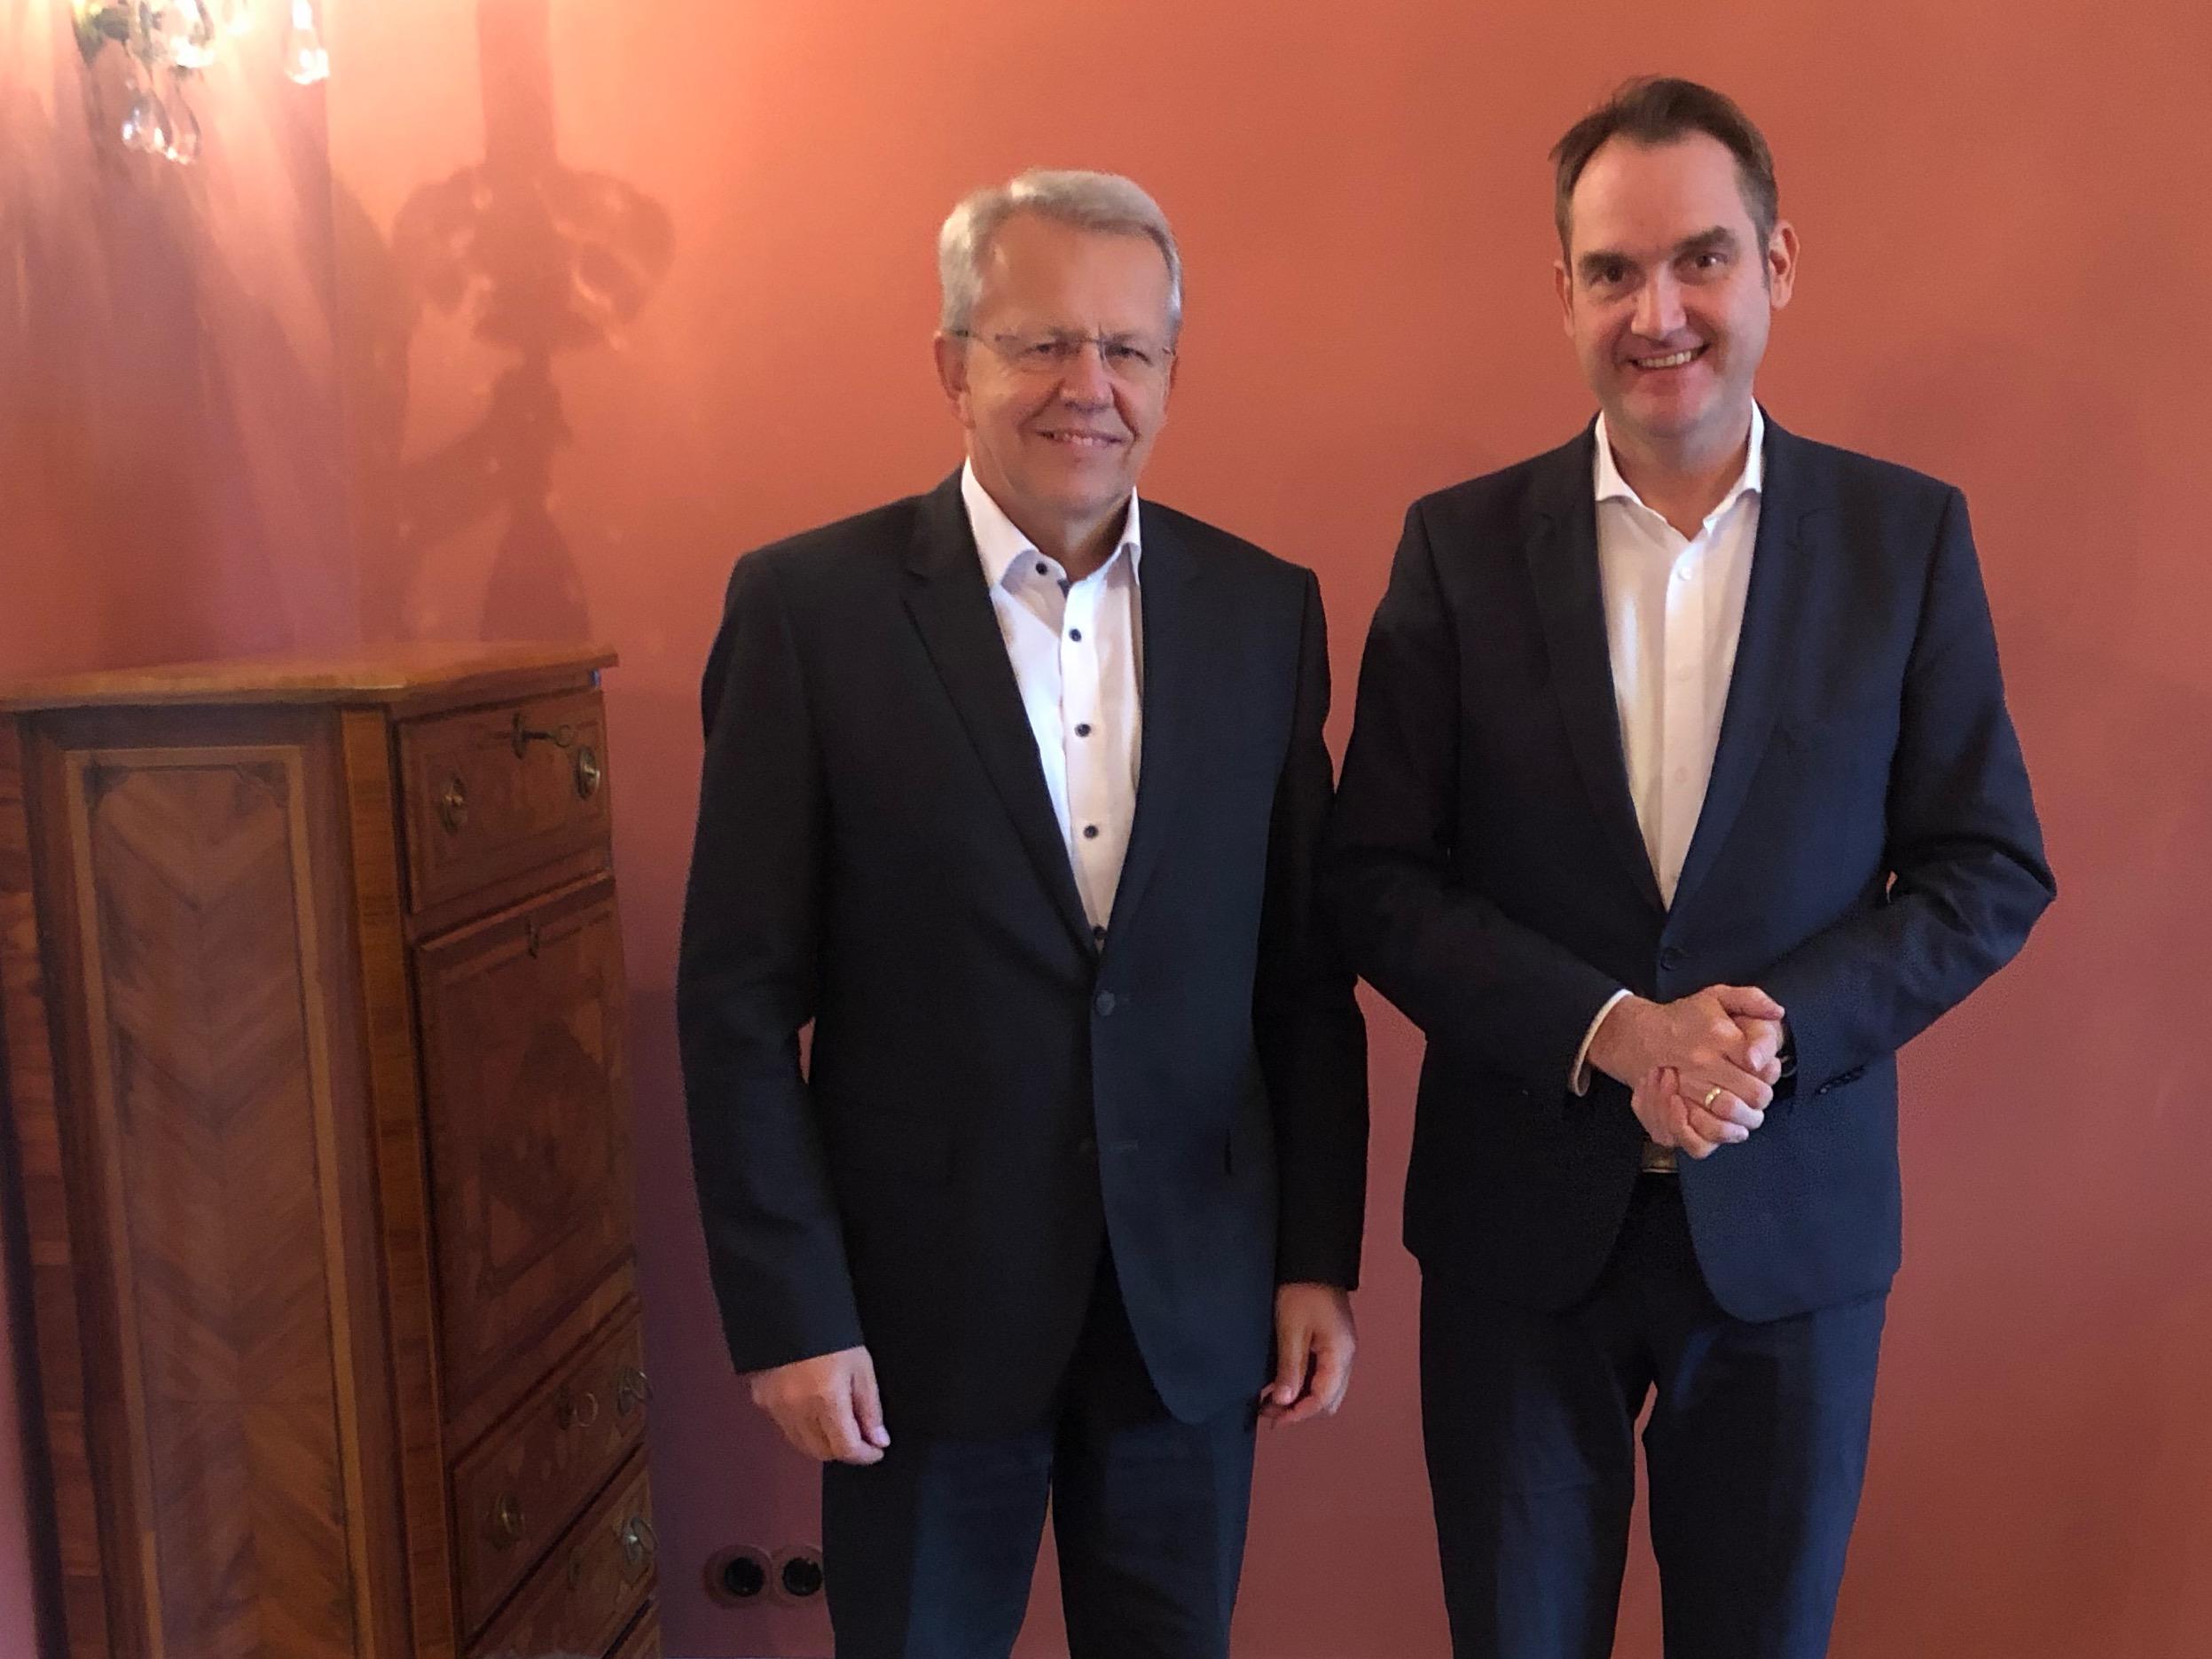 Stephan Hauber, Vorstandsvorsitzender des DATABUND und Dr. Oliver Grün, Präsident des Bundesverband IT-Mittelstand e.V. (BITMi)